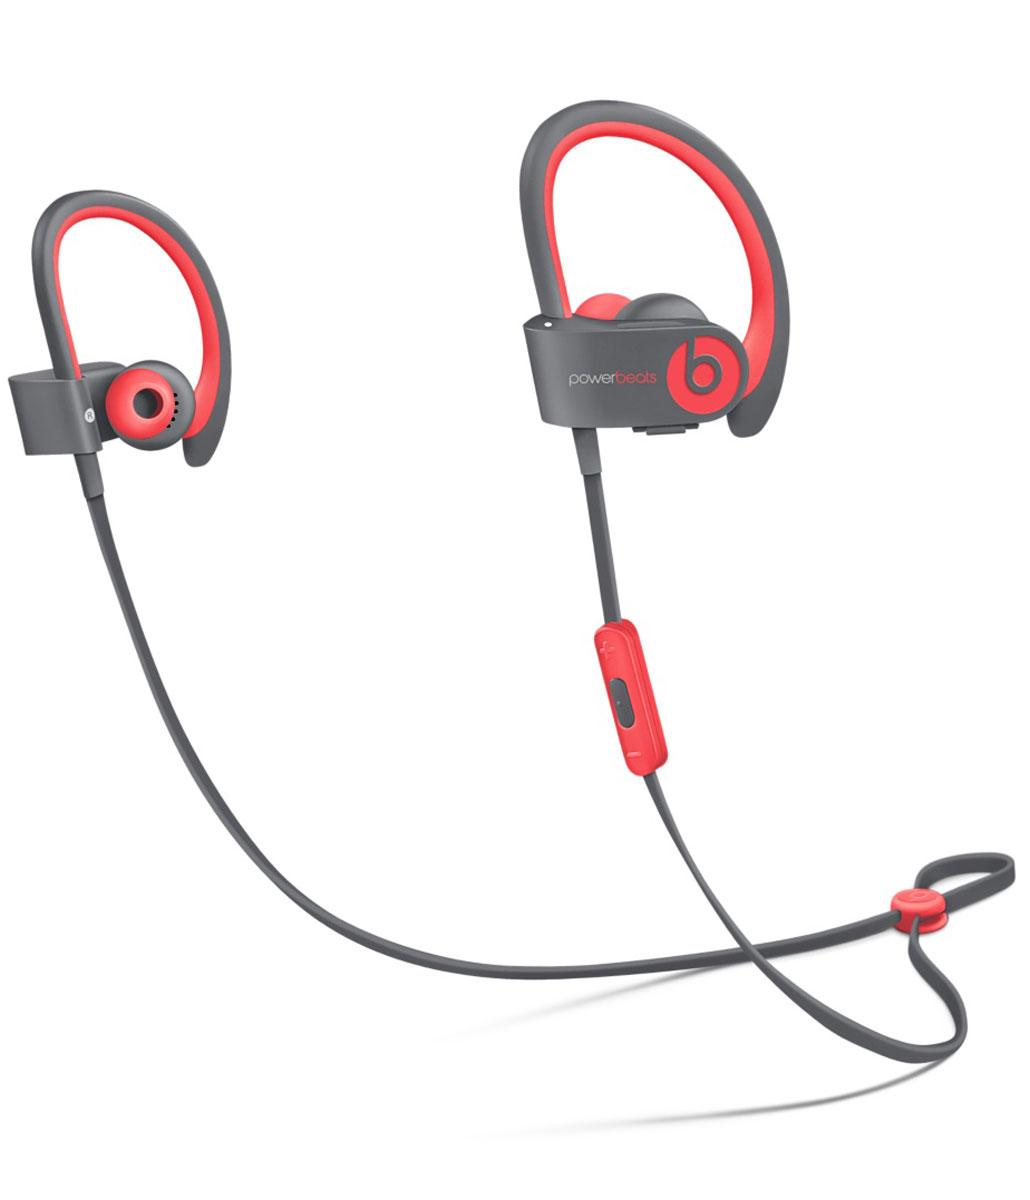 Beats Powerbeats2 Wireless Active Collection, Red Grey наушникиMKPY2ZE/AСтильные беспроводные наушники Beats Powerbeats2 Wireless из коллекции Active дают вам полную свободу на пробежках и тренировках с iPhone или iPod. Беспроводные наушники, вдохновлённые Леброном Джеймсом, бросают вызов обыденности, давая атлетам импульс к непревзойдённым результатам. Лёгкие и мощные, с двумя акустическими головками, совершенно новые беспроводные наушники воспроизводят звук великолепного качества на мощности, которая нужна вам для движения на пробежке или тренировке. От городских улиц до игровых площадок - наушники Powerbeats2 Wireless дают вам полную свободу на тренировках. Беспроводная технология Bluetooth даёт возможность подключаться к iPhone, iPod или другому устройству Bluetooth на расстоянии до 9 метров - вы можете свободно двигаться и сосредоточиться на спорте. Подзаряжаемый аккумулятор на 6 часов воспроизведения даст вам силы выстоять до конца. А если он разрядился, 15-минутная быстрая зарядка обеспечит ему дополнительный час работы. ...